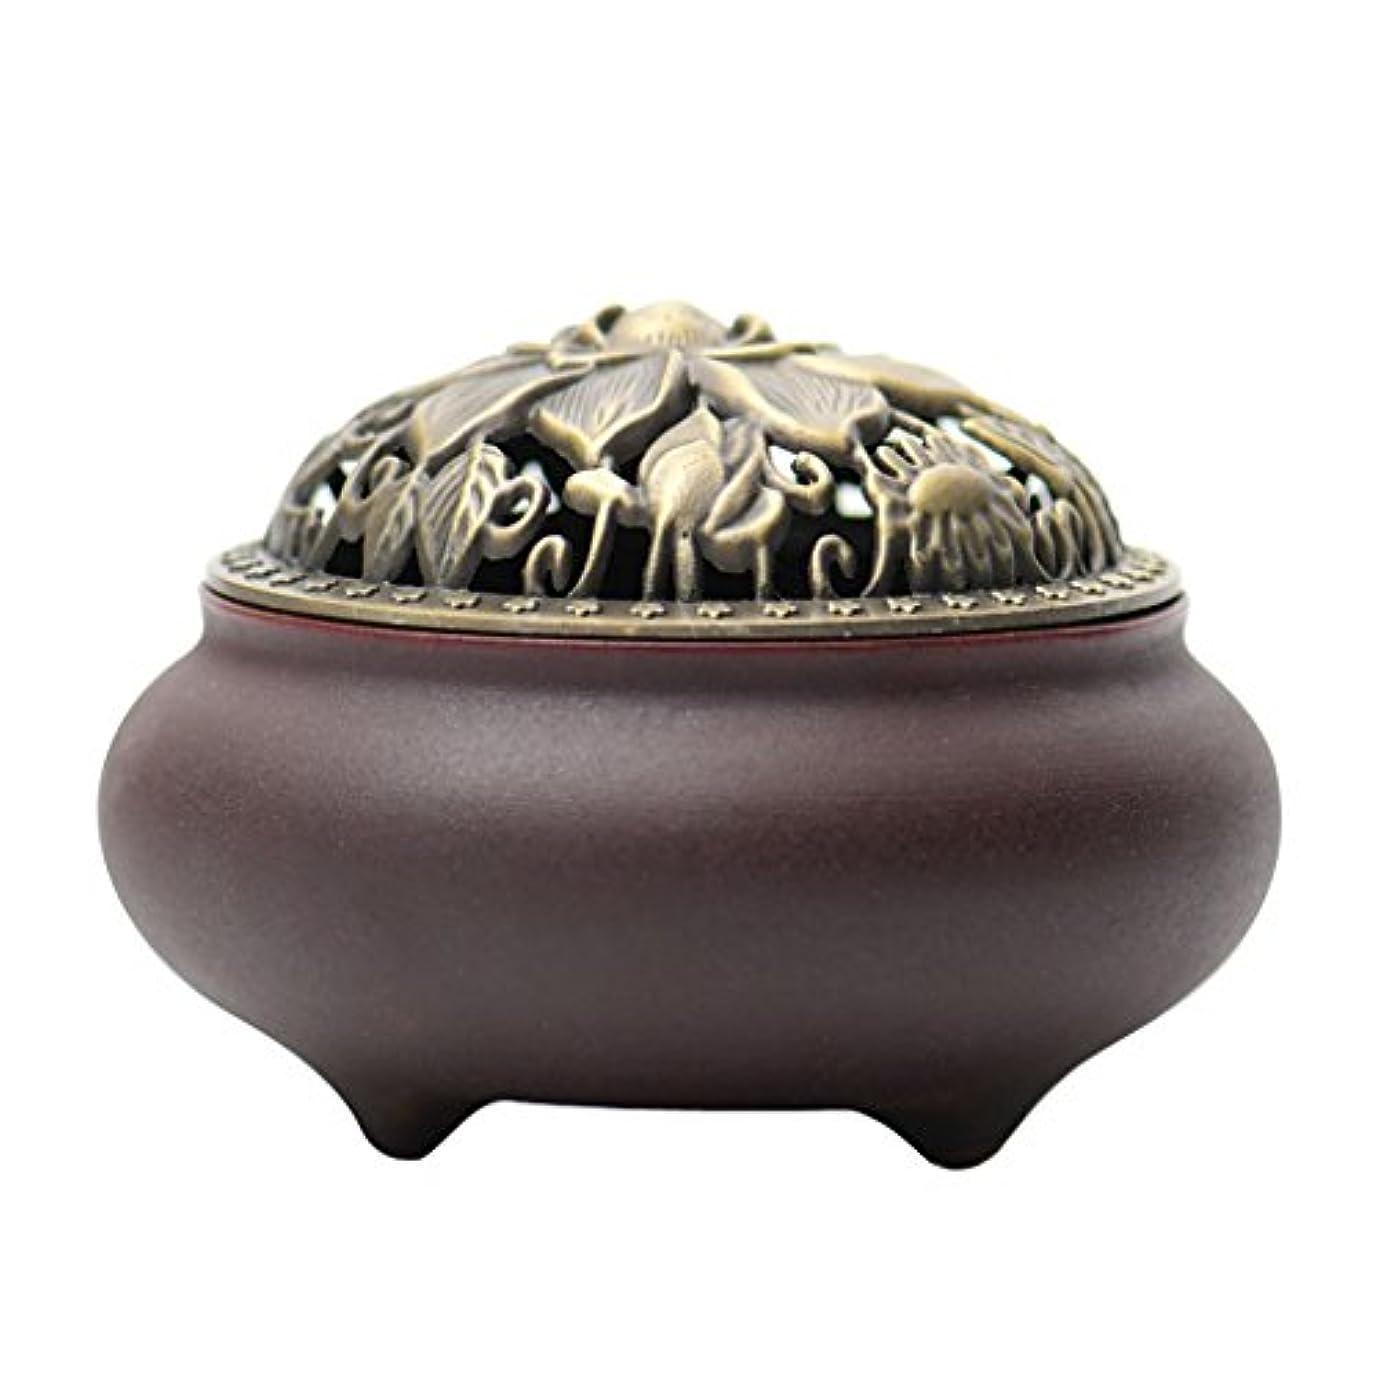 守銭奴失礼本能(ラシューバー) Lasuiveur 香炉 線香立て 香立て 職人さんの手作り 茶道用品 おしゃれ  木製 透かし彫り